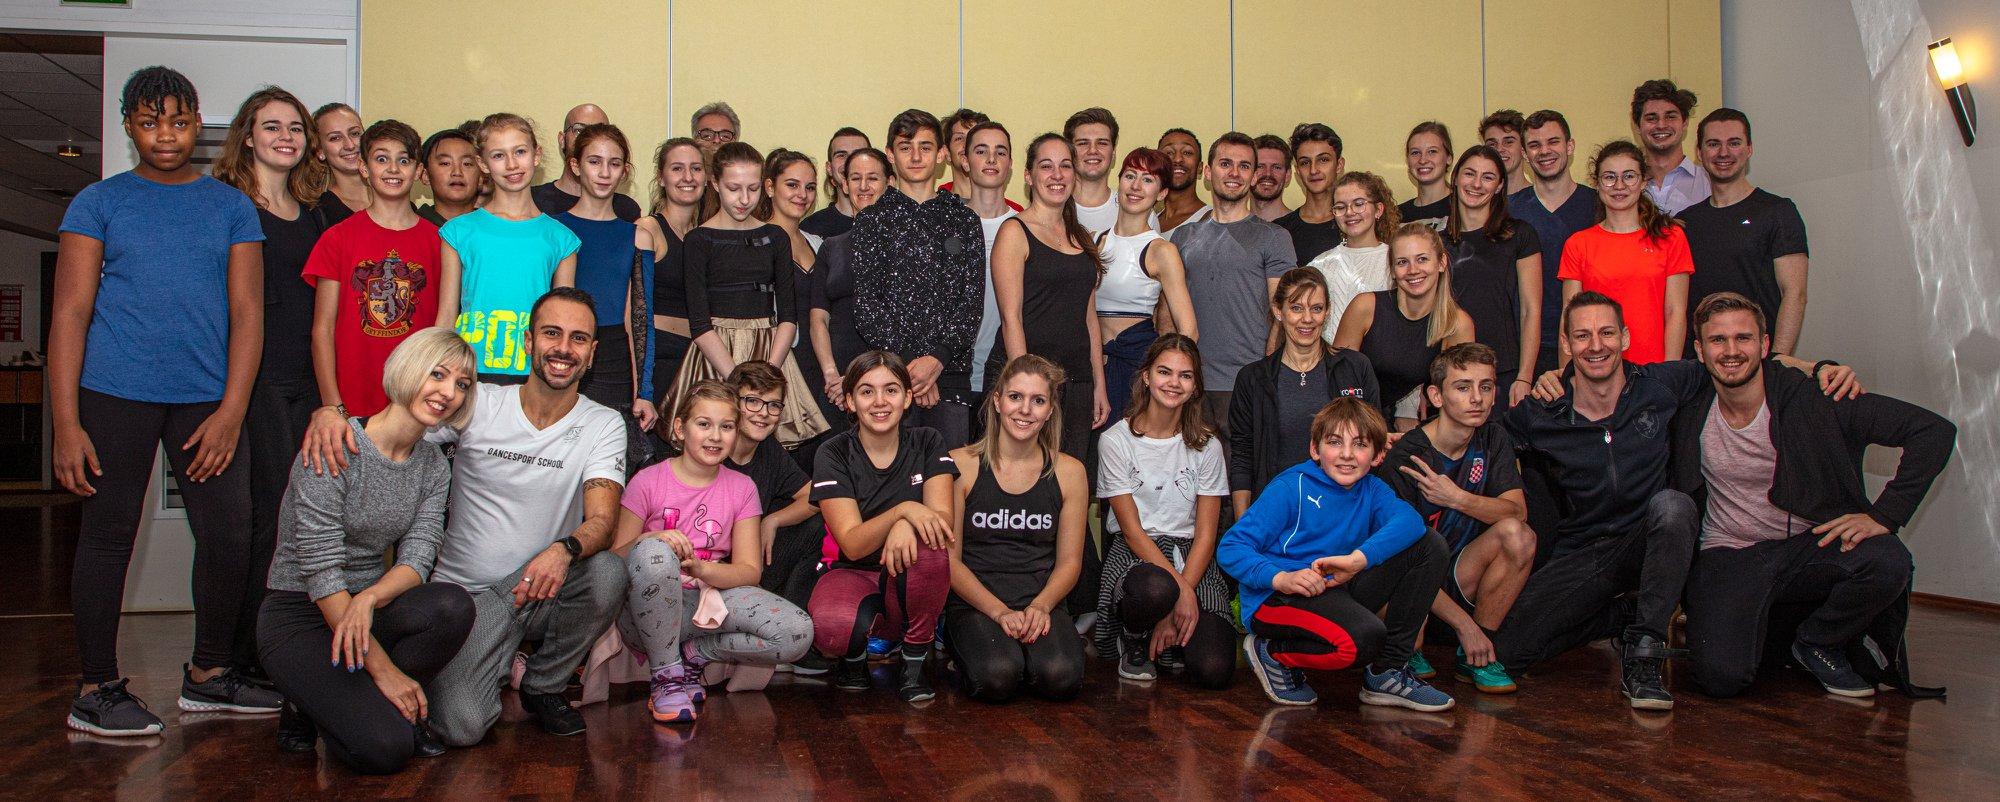 DanceSport School